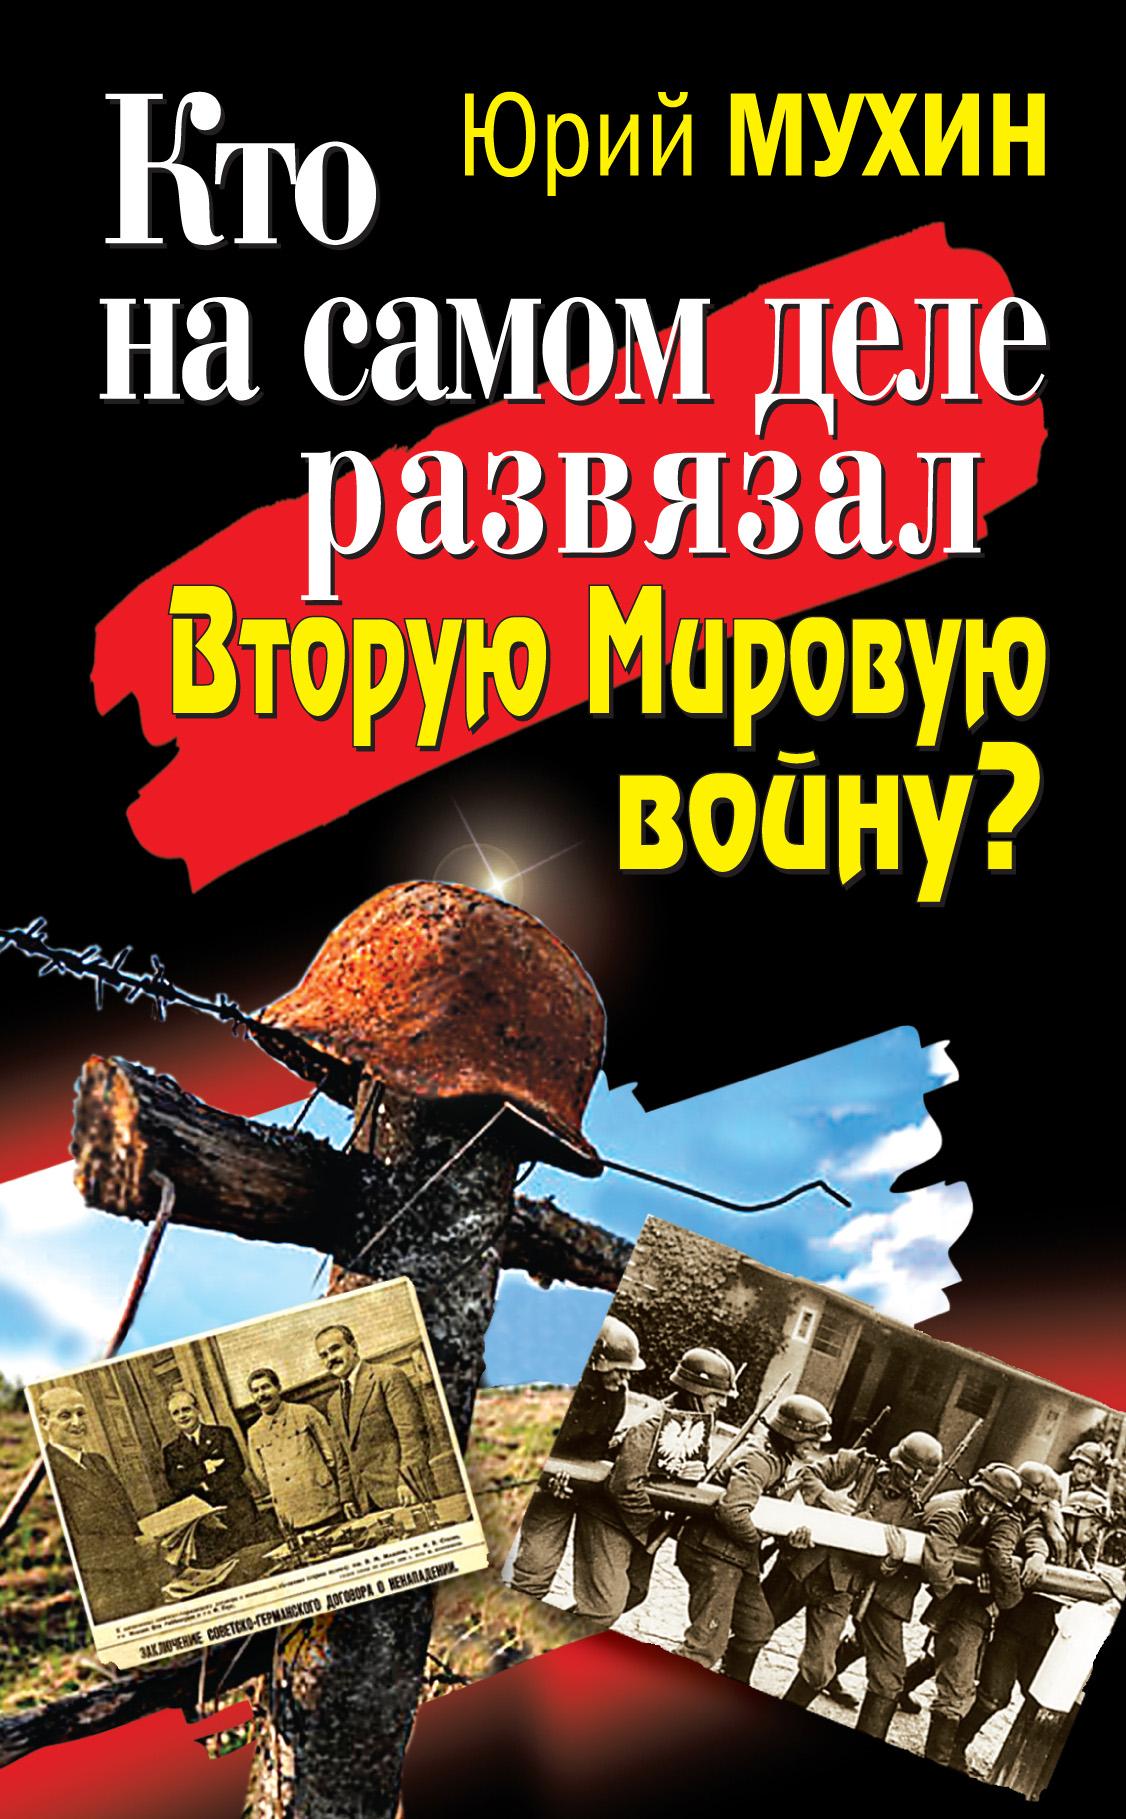 Юрий Мухин Кто на самом деле развязал Вторую Мировую войну?